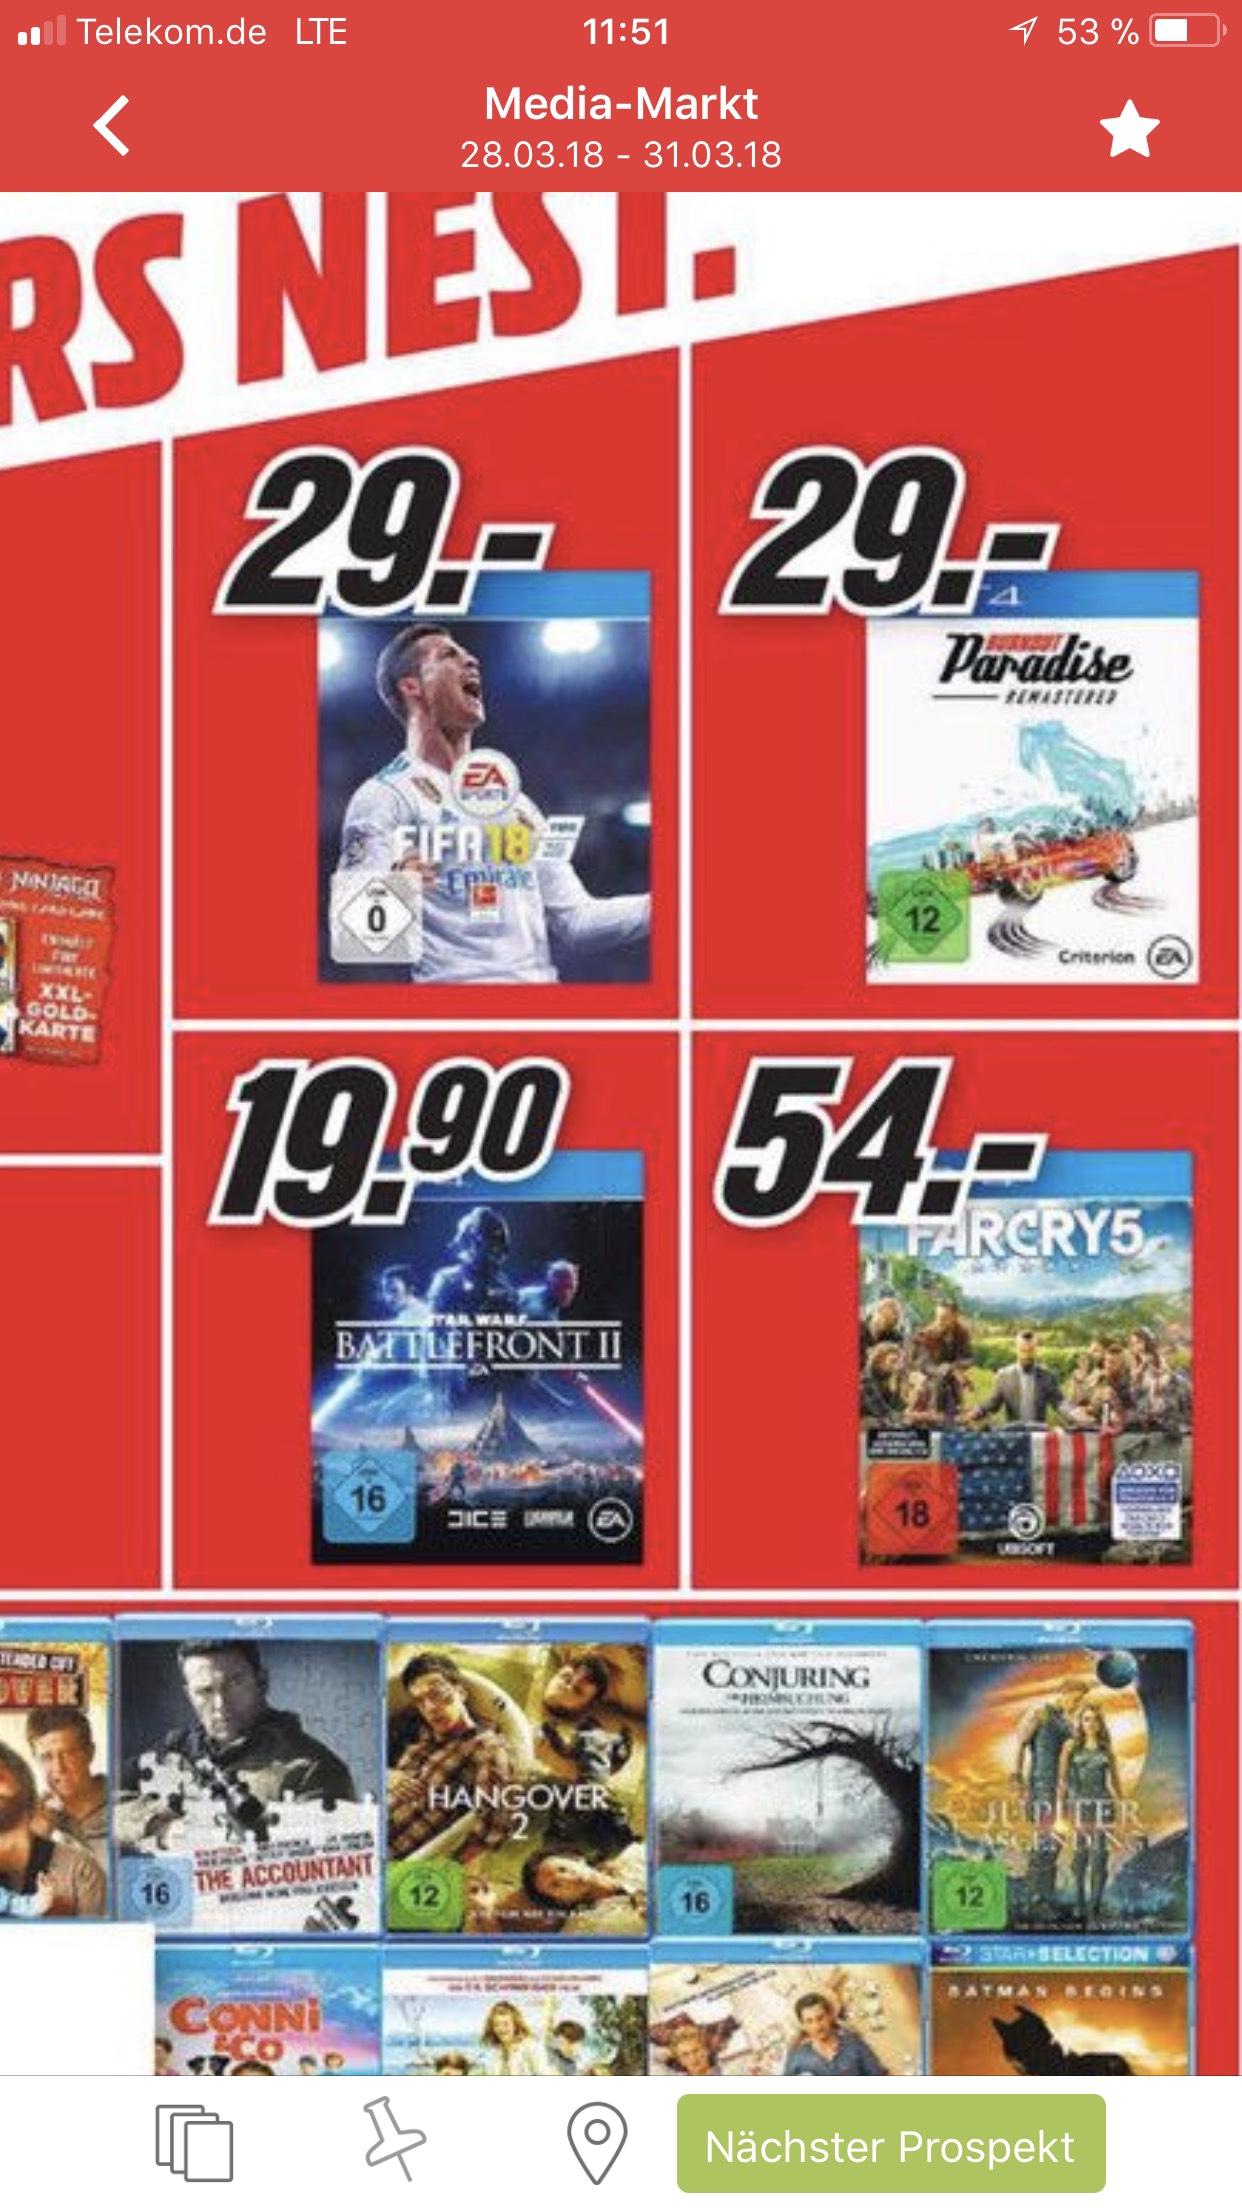 (Lokal? Elmshorn/Hamburg) Star Wars Battlefront 2 für 19,90€